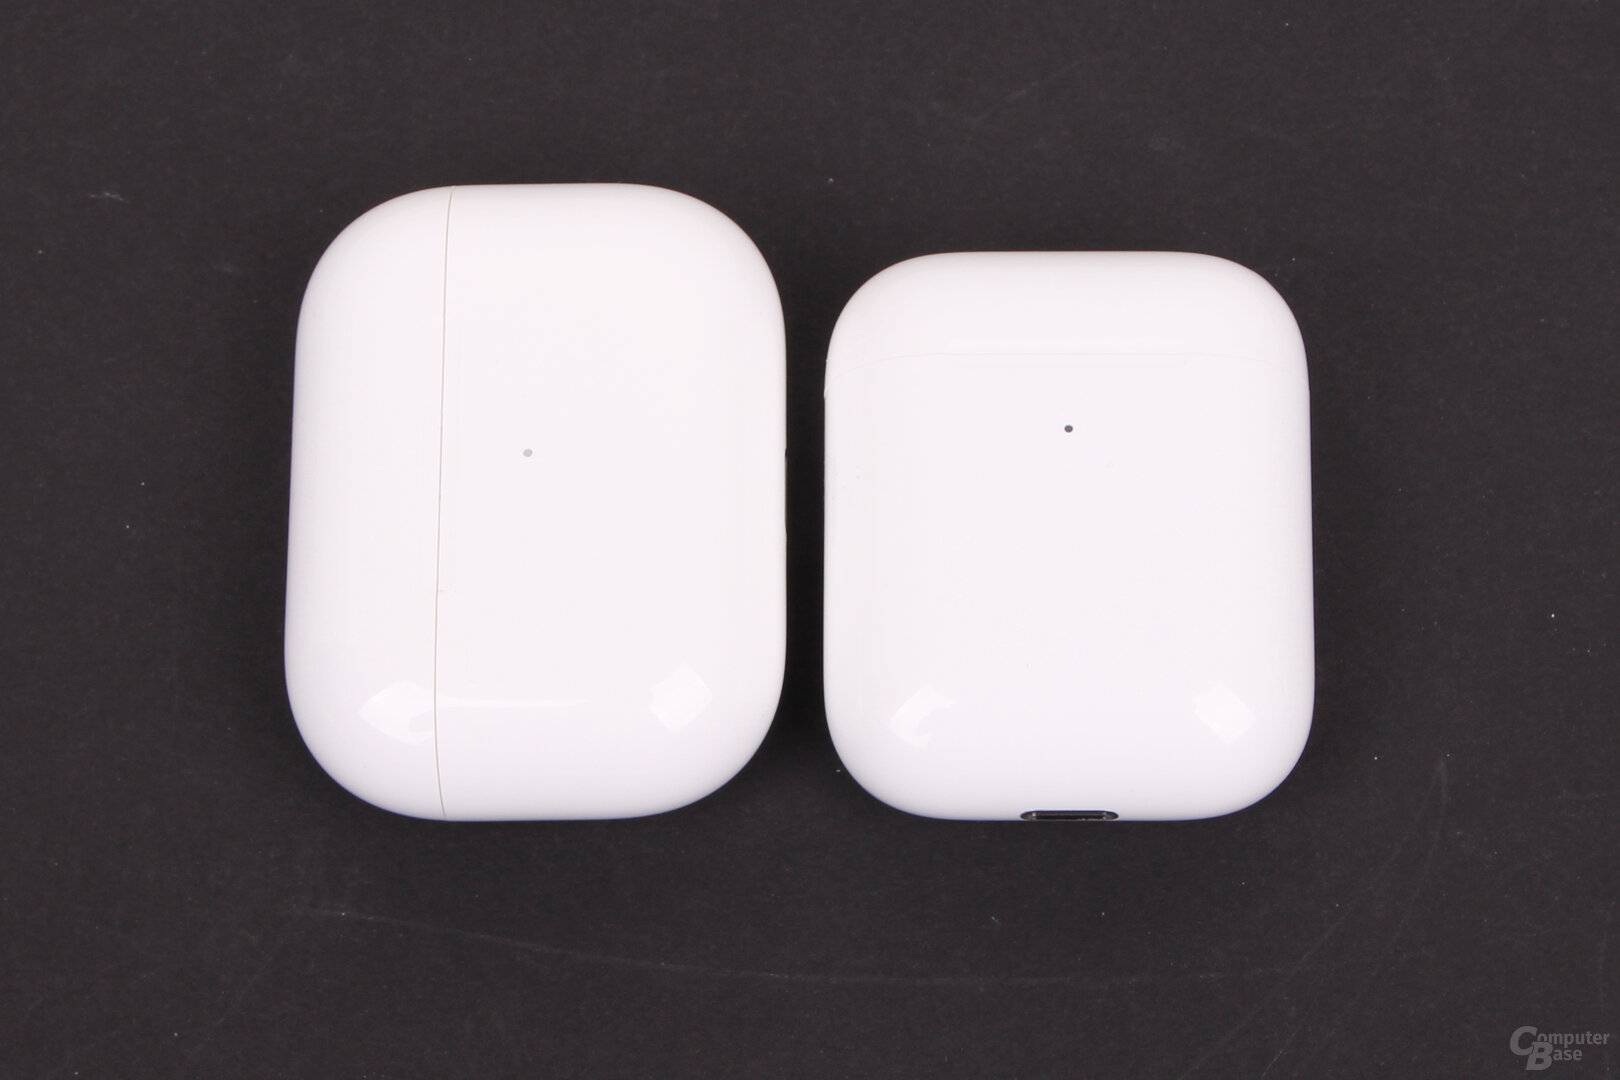 Ladecase der Apple AirPods Pro neben Ladecase der AirPods